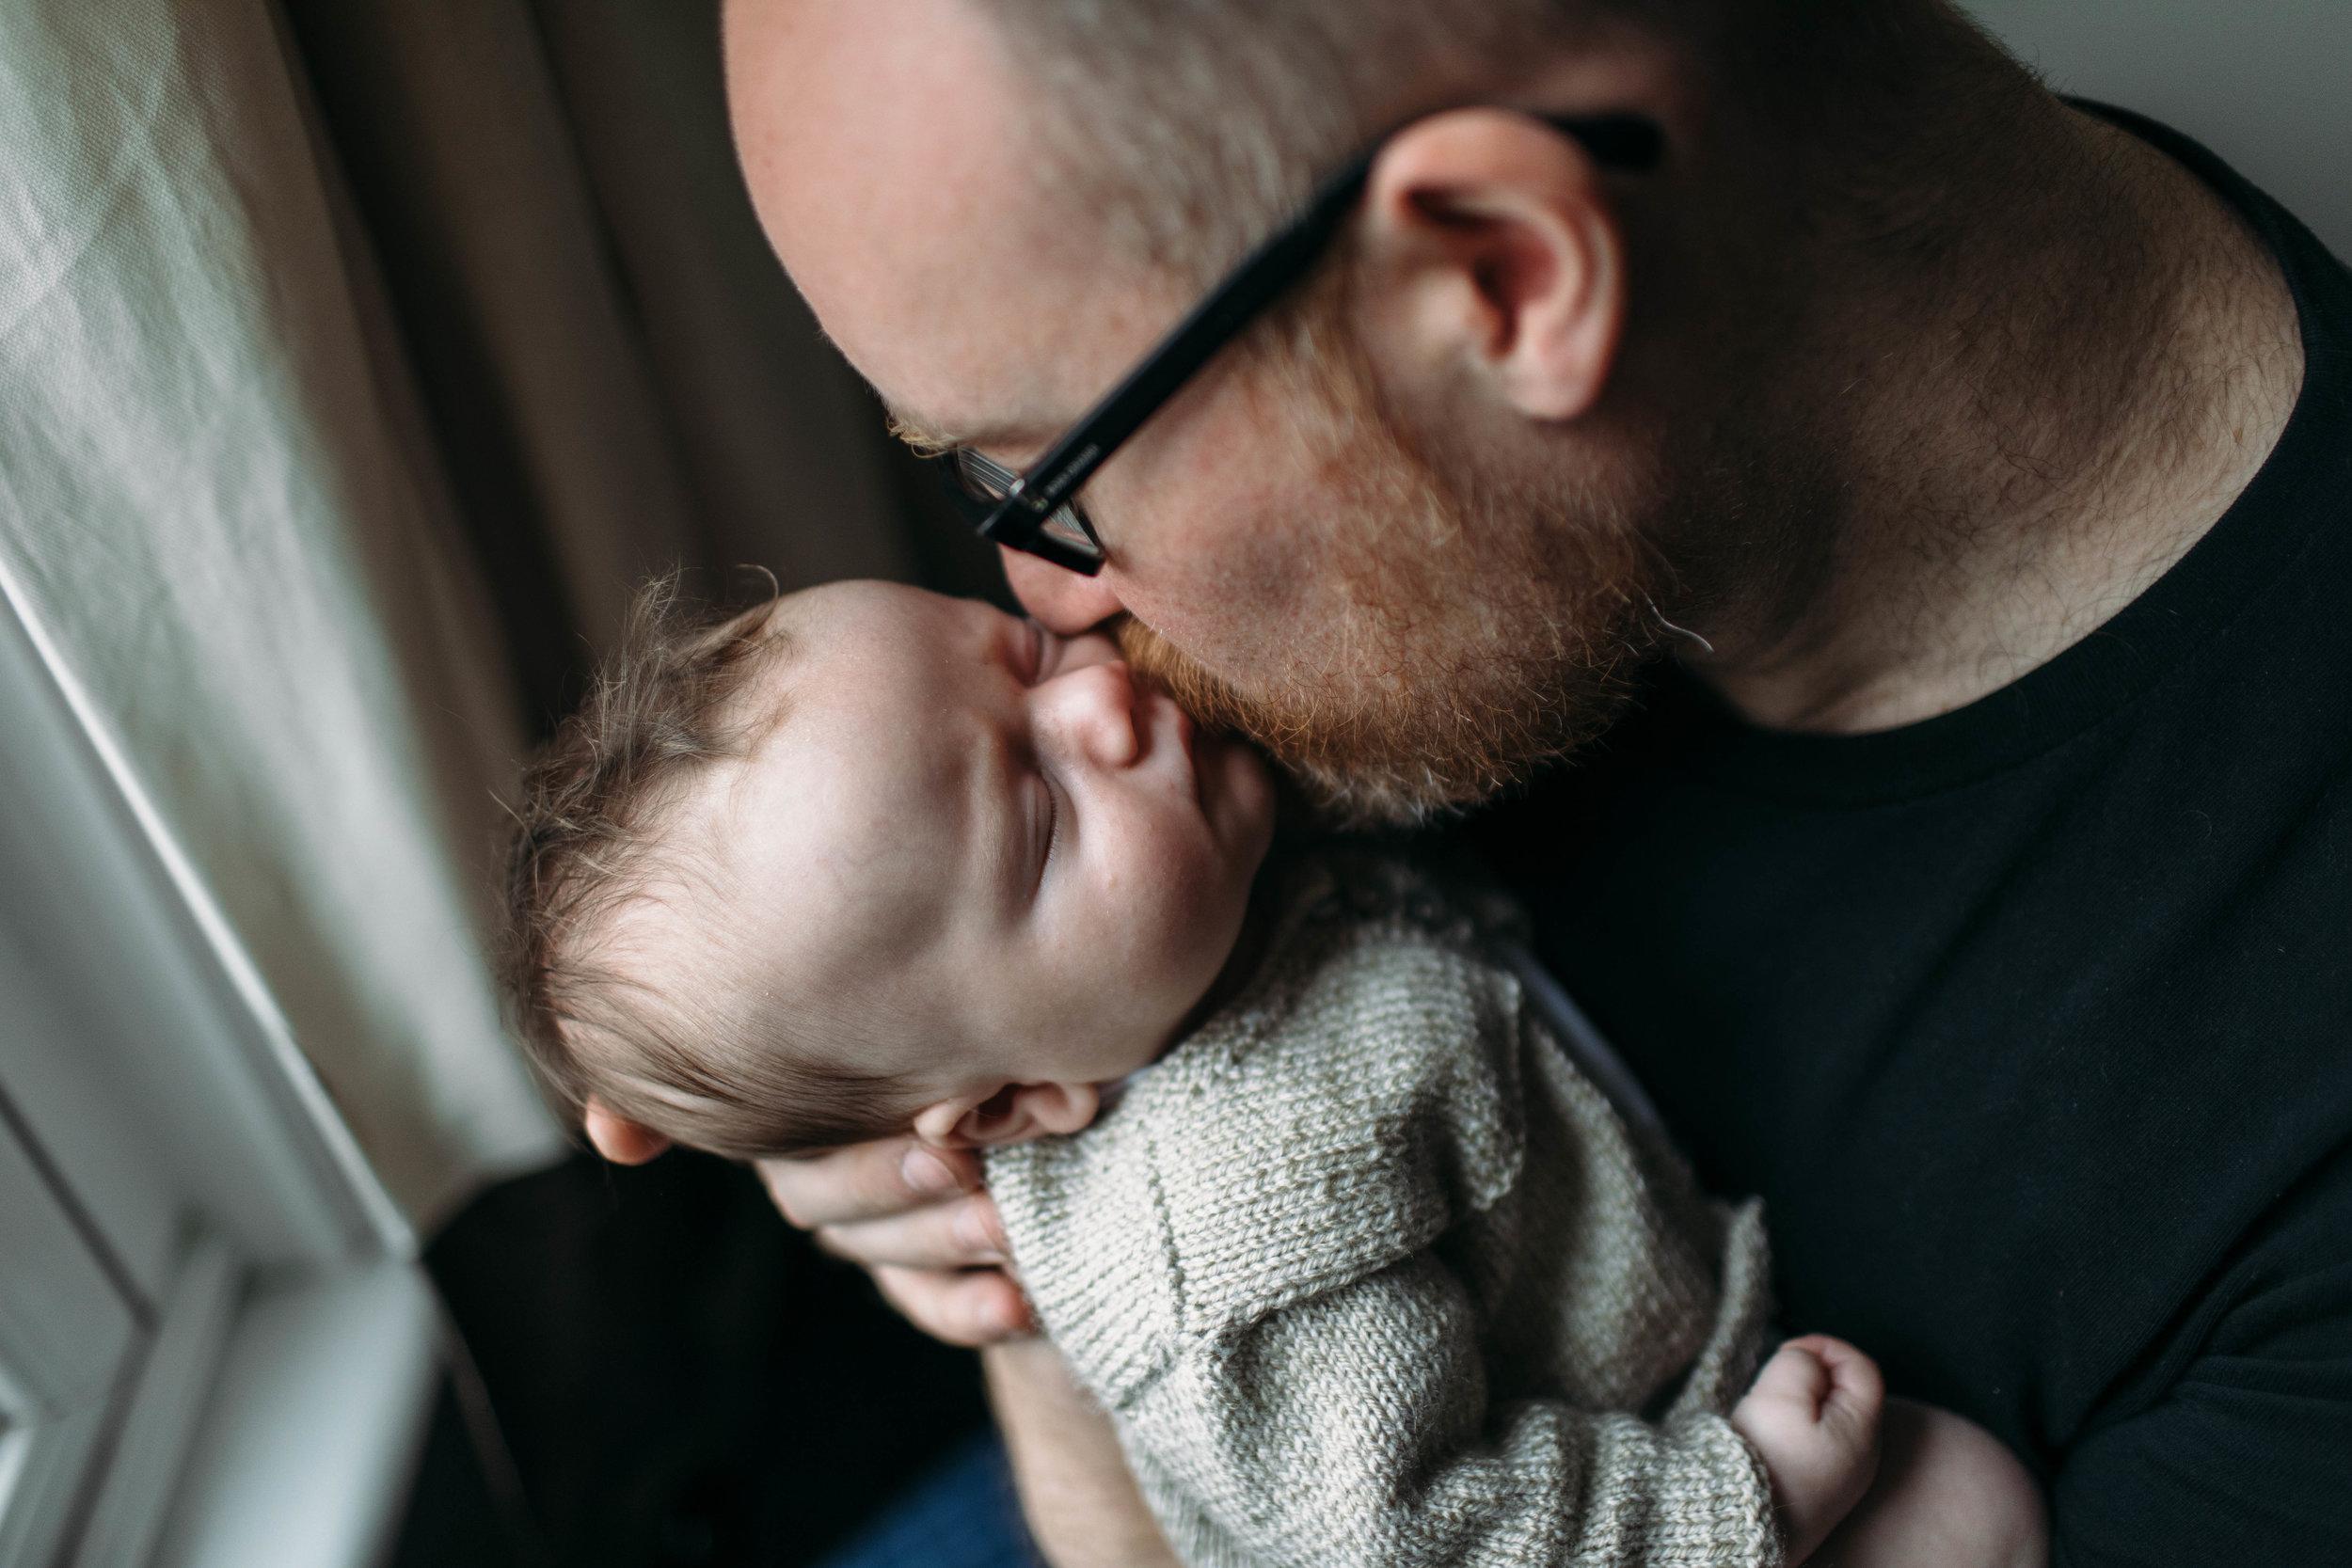 newborn-photography-hertfordhsire.jpg